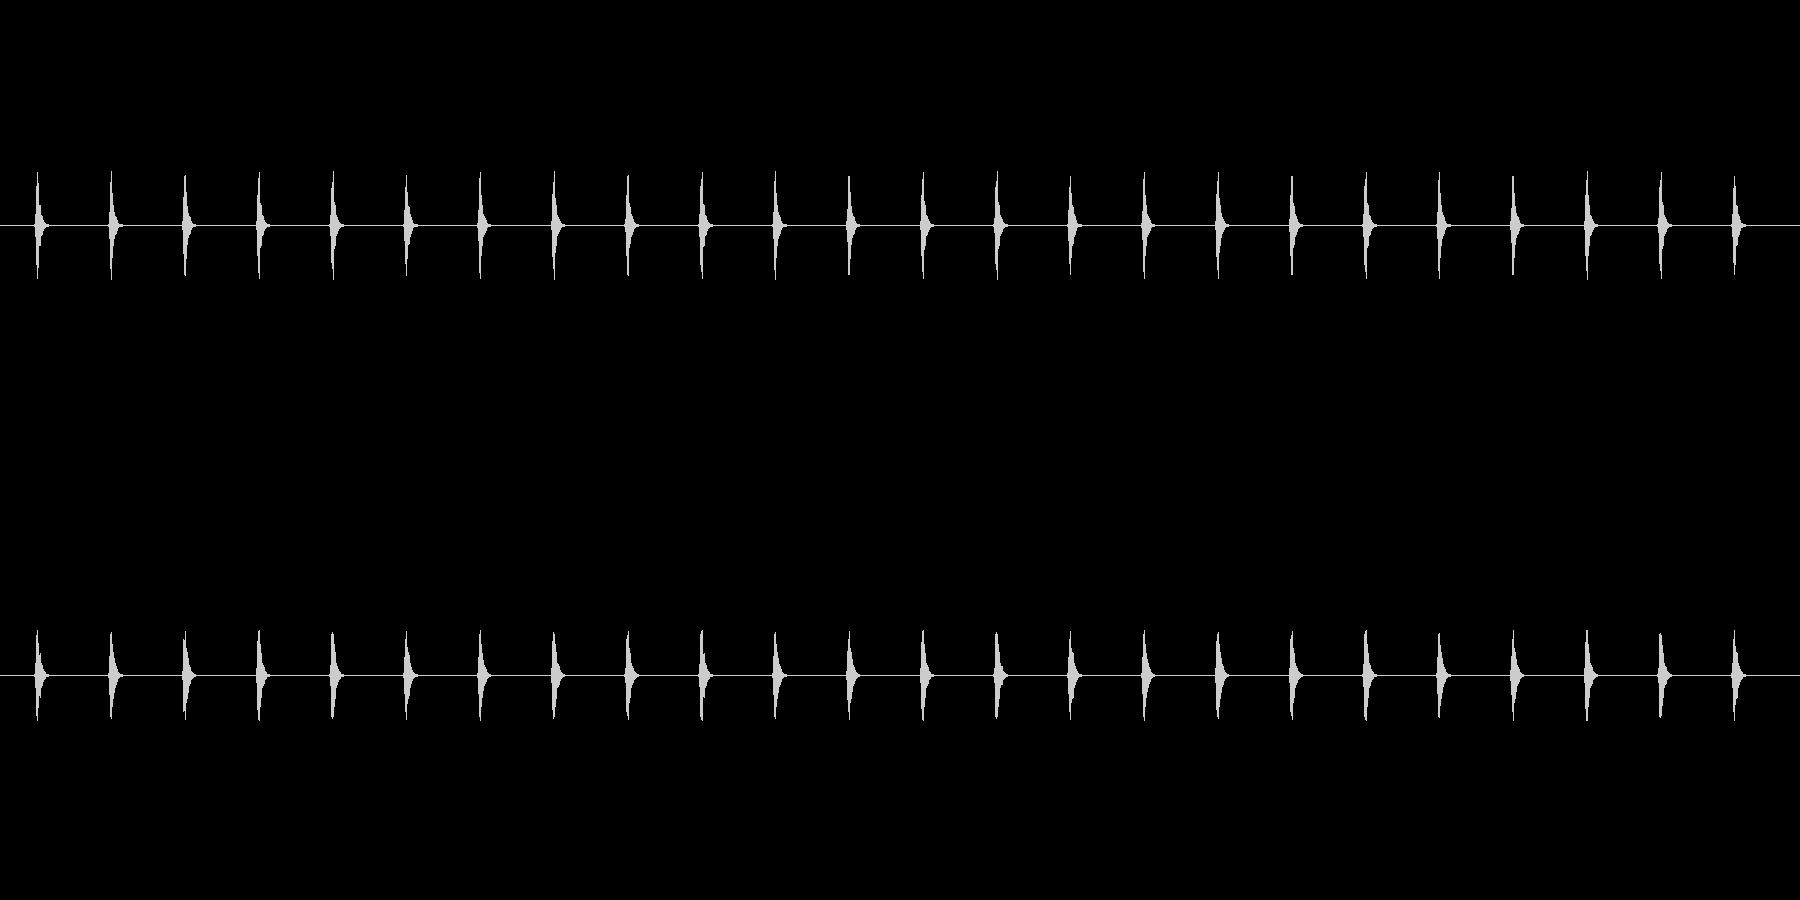 アラームビープパルス。遅い高音のカ...の未再生の波形